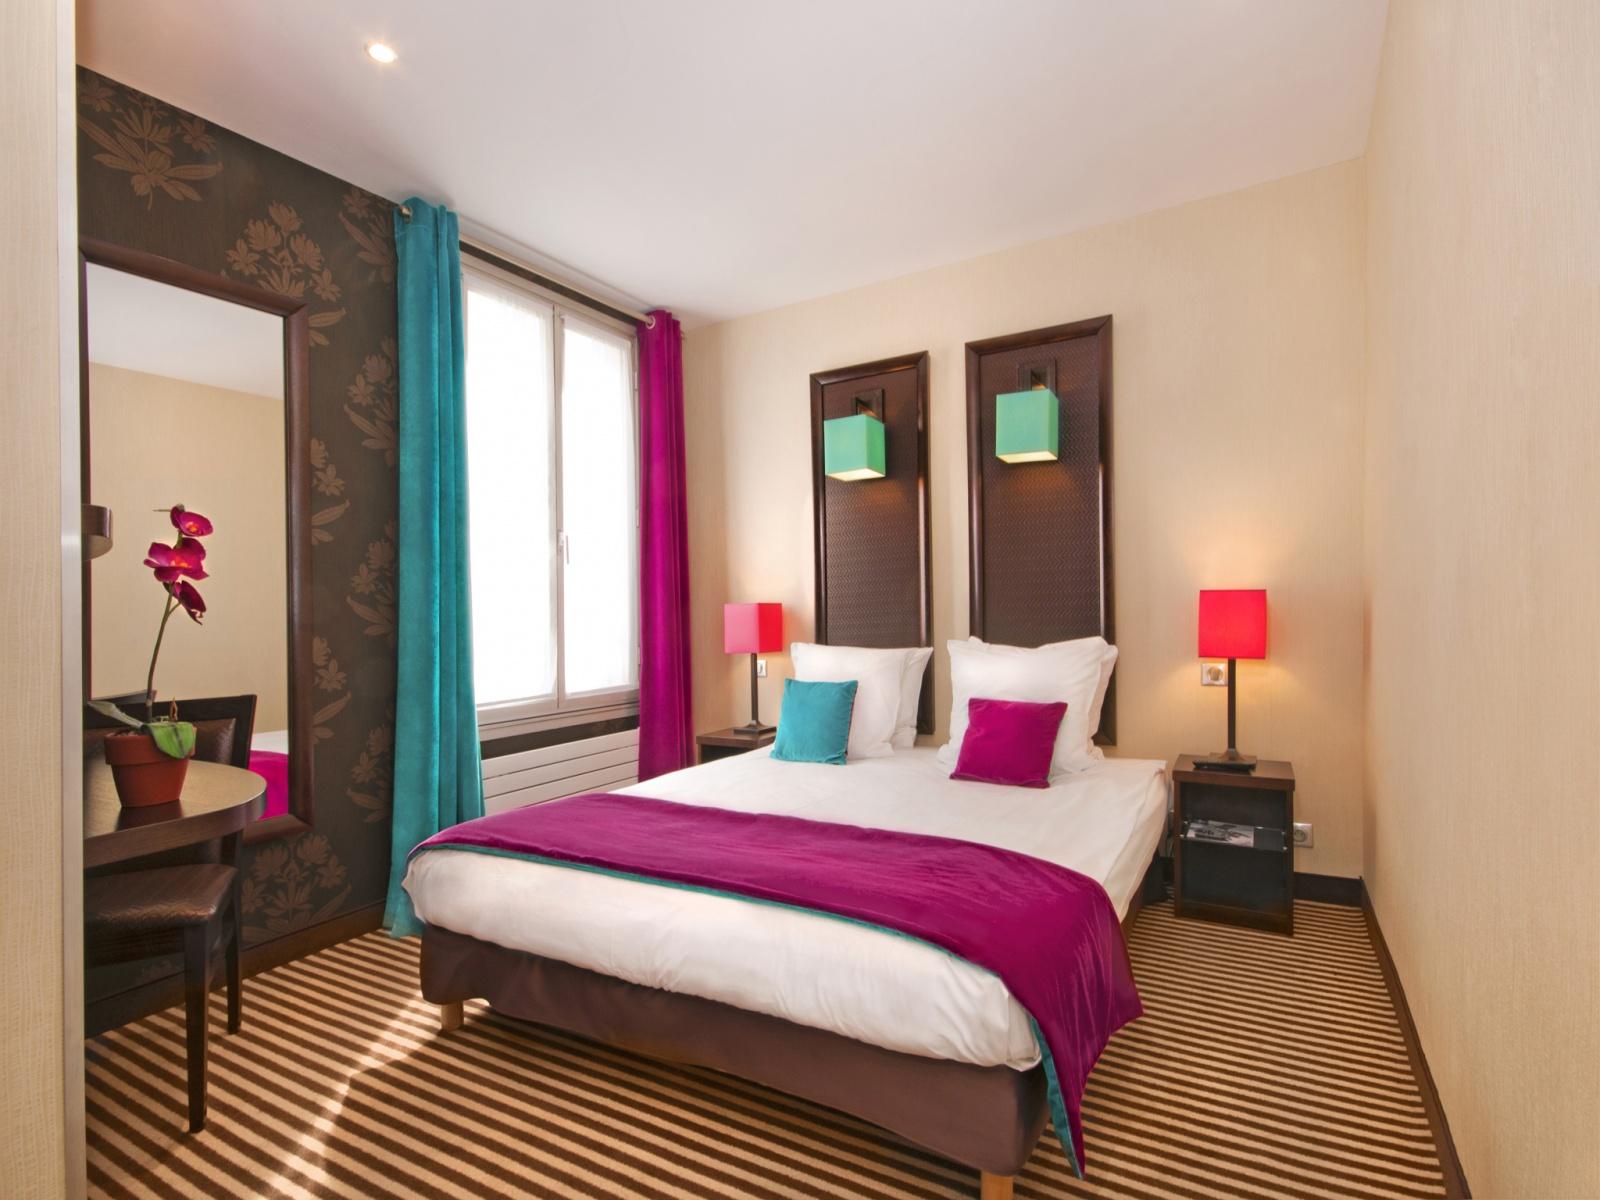 CHAMBRE DOUBLE OU TWIN CLASSIQUE 15 m² en moyenne | Hôtel Pax ...